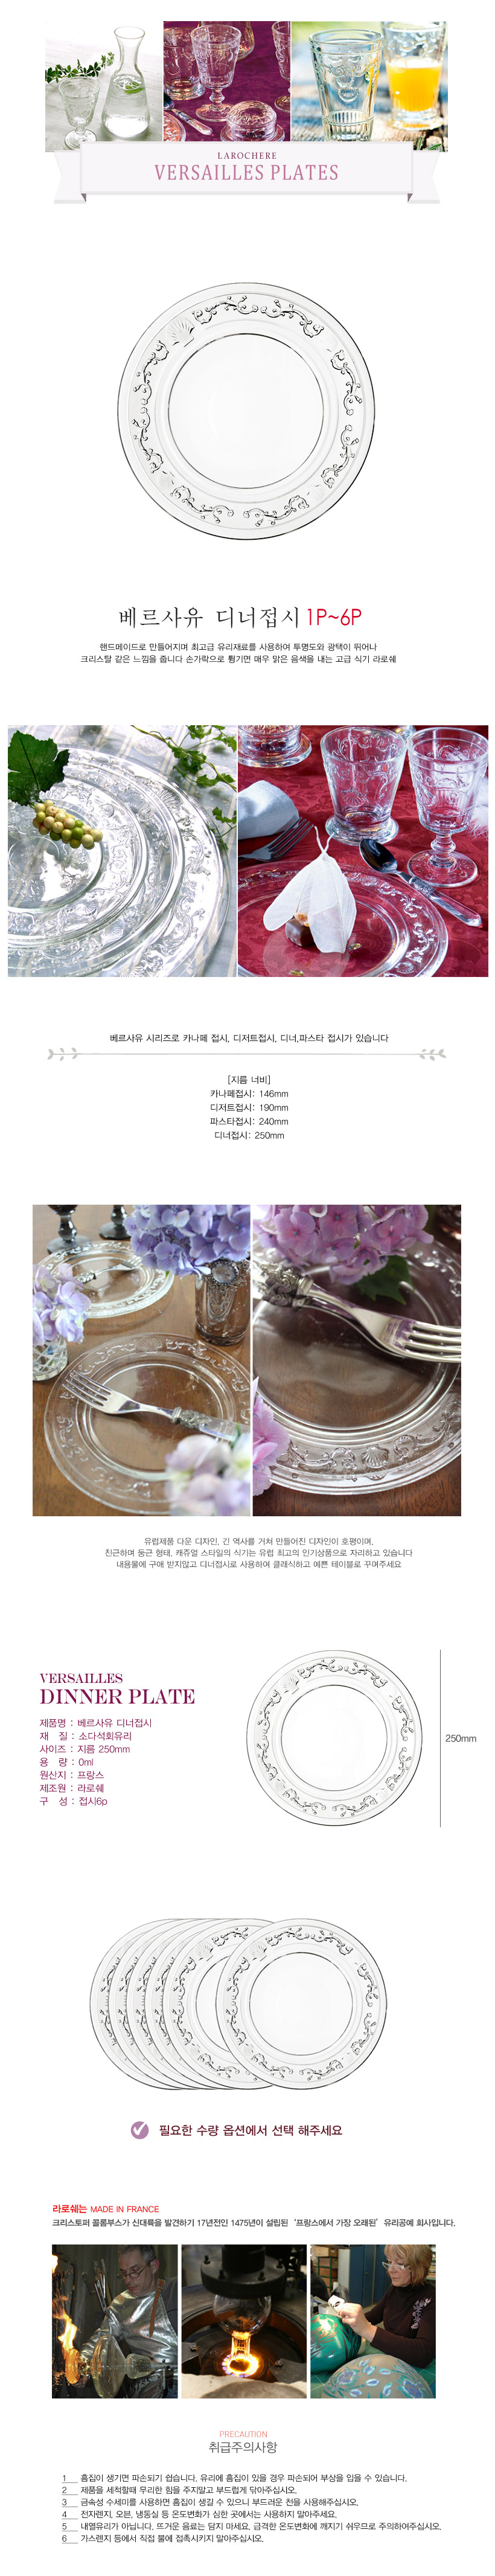 라로쉐 베르사유 디너접시 - 재미있는생활, 26,000원, 접시/찬기, 접시